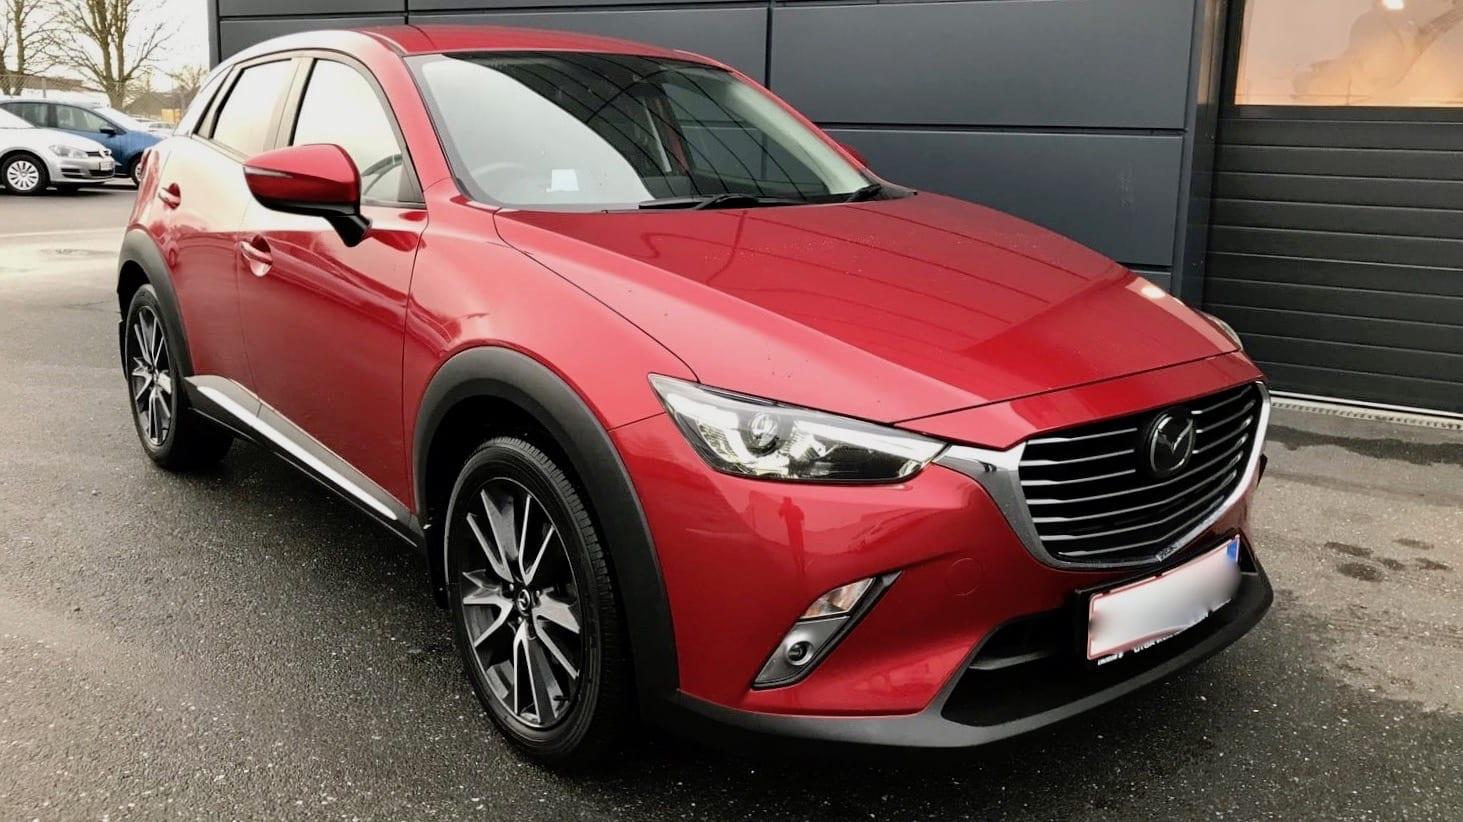 2018-Mazda-CX3 - Bilvurdering